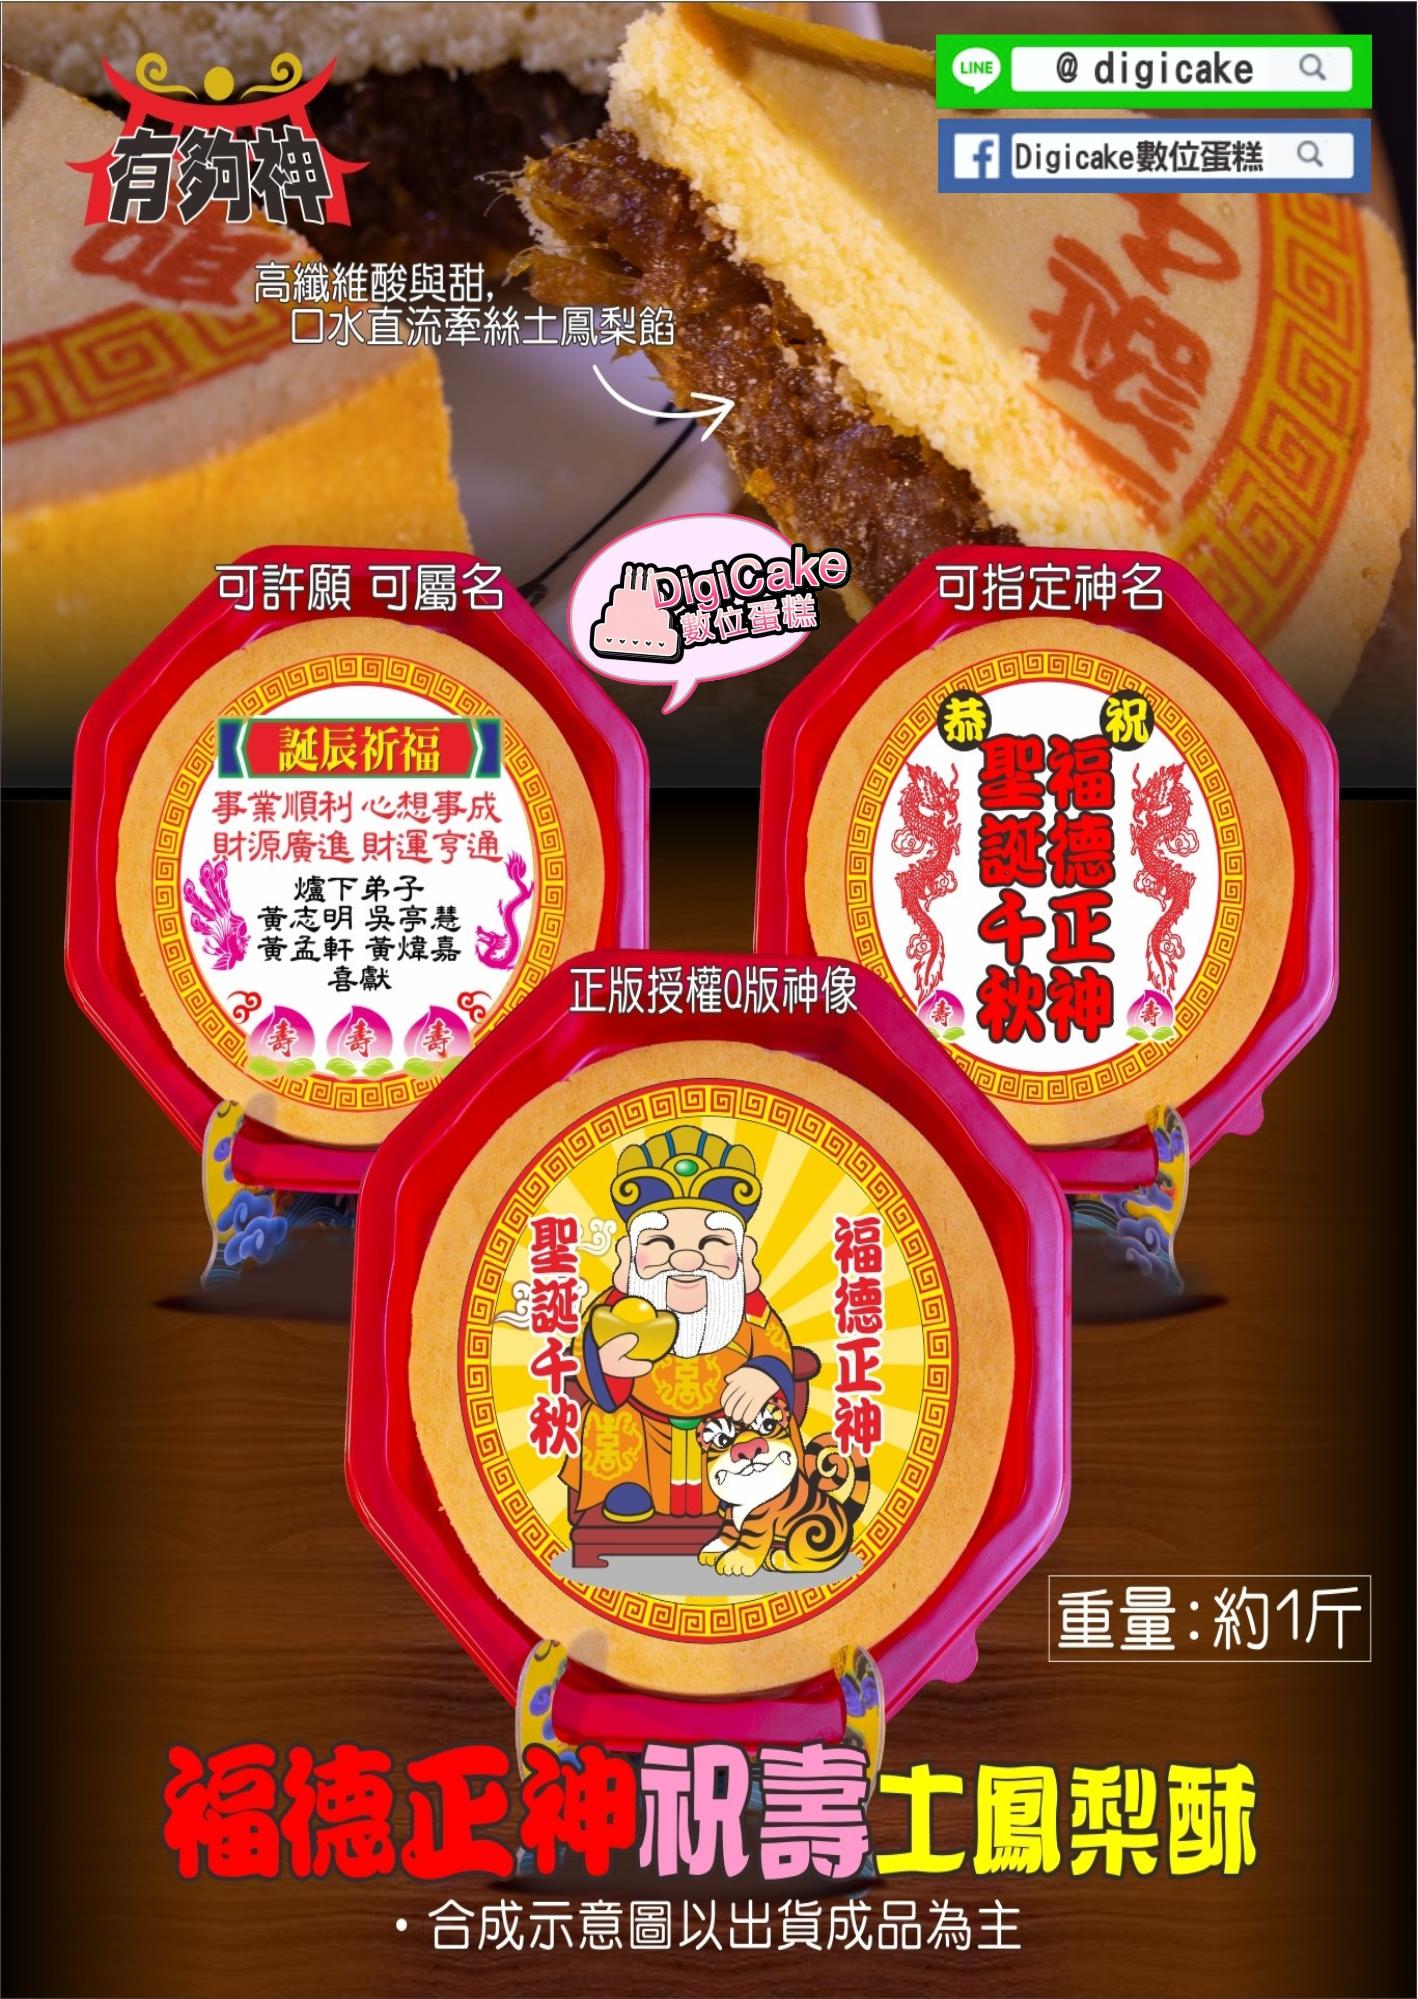 點此進入福德正神祝壽糖片土鳳梨酥 3片一組(含立架)的詳細資料!